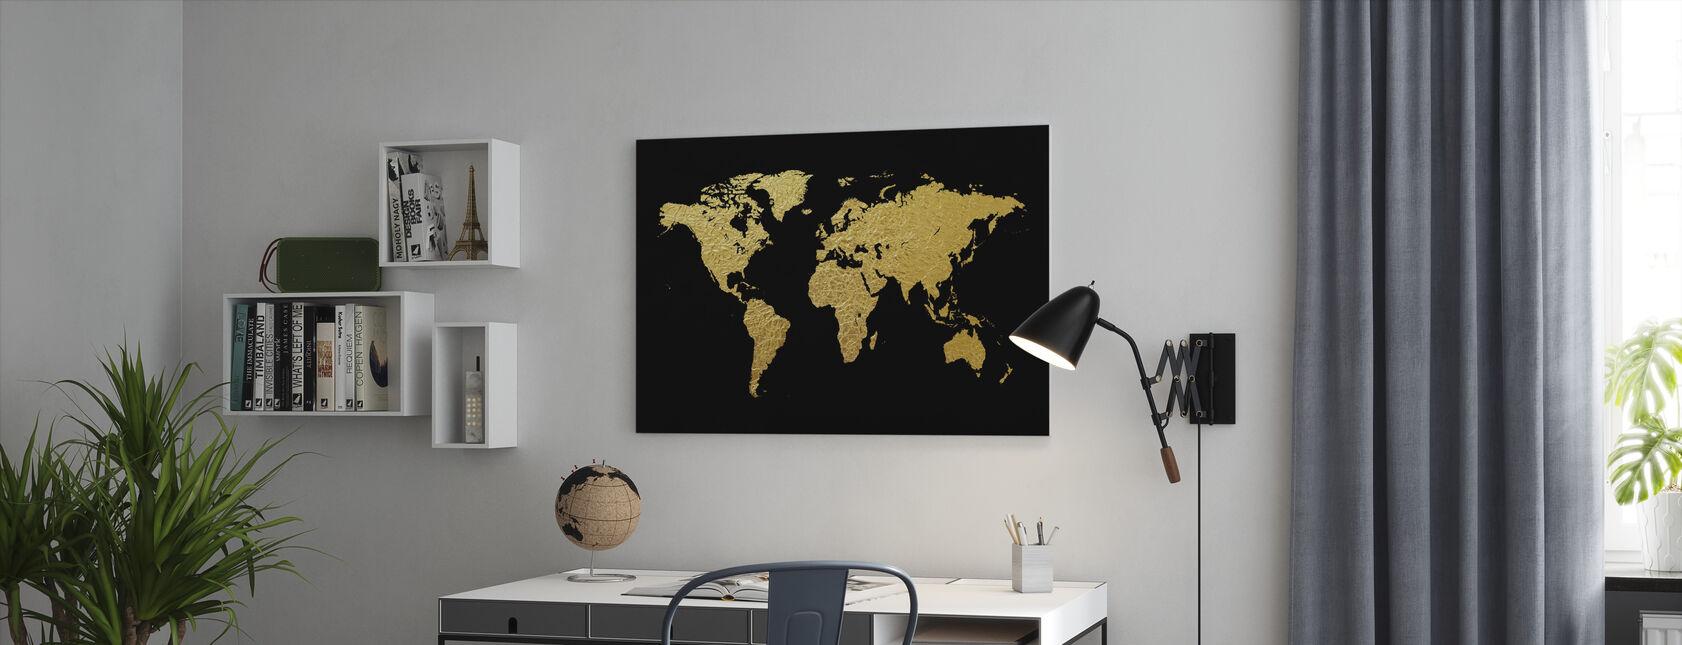 Guldverdenskort med sort baggrund - Billede på lærred - Kontor